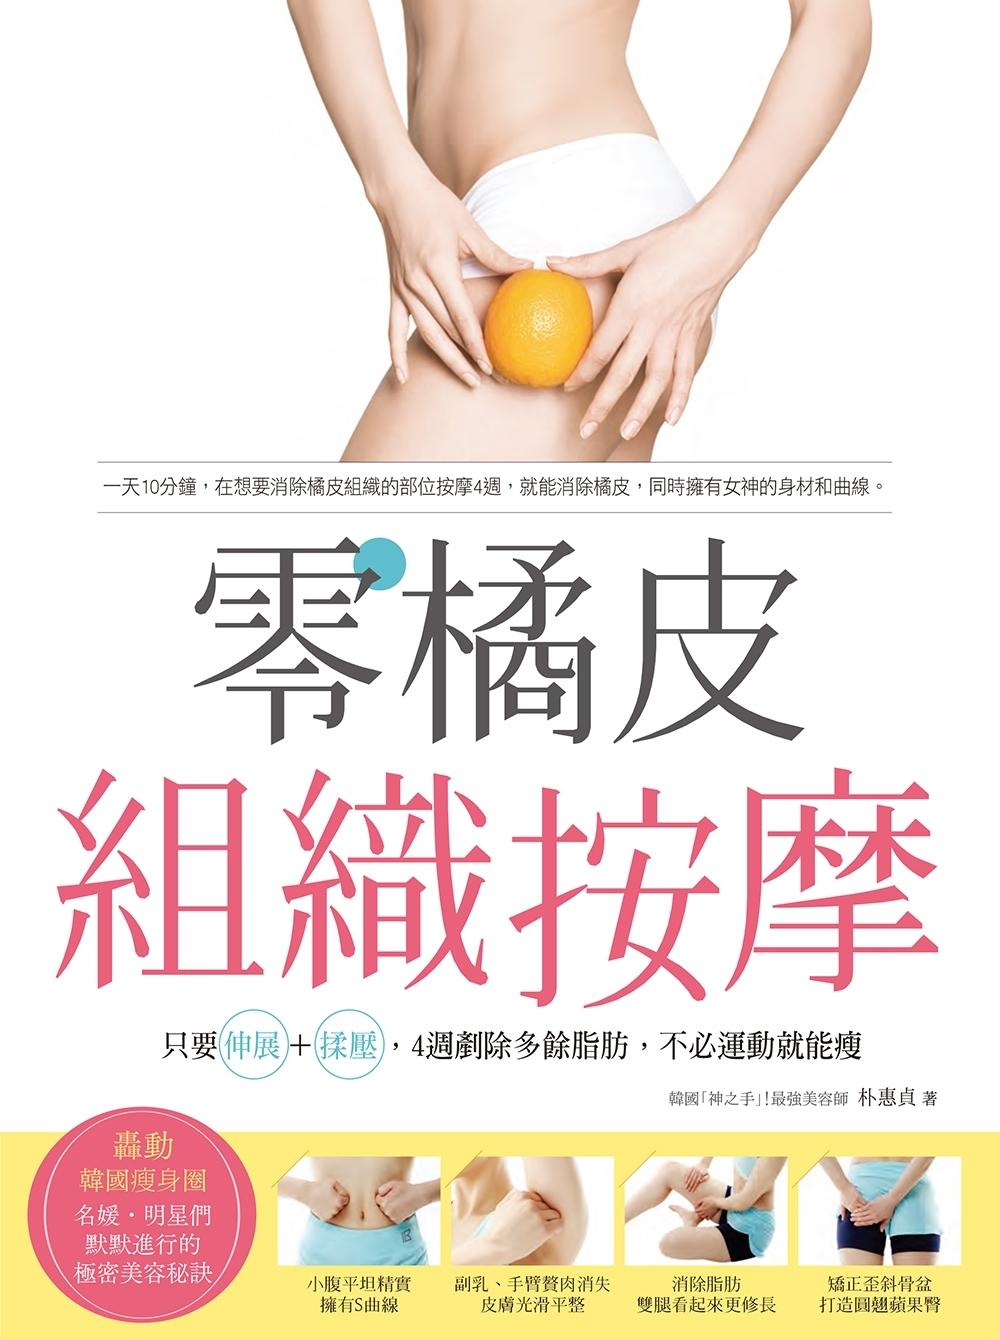 零橘皮組織按摩:只要伸展+揉壓,4週剷除多餘脂肪,不必運動就能瘦